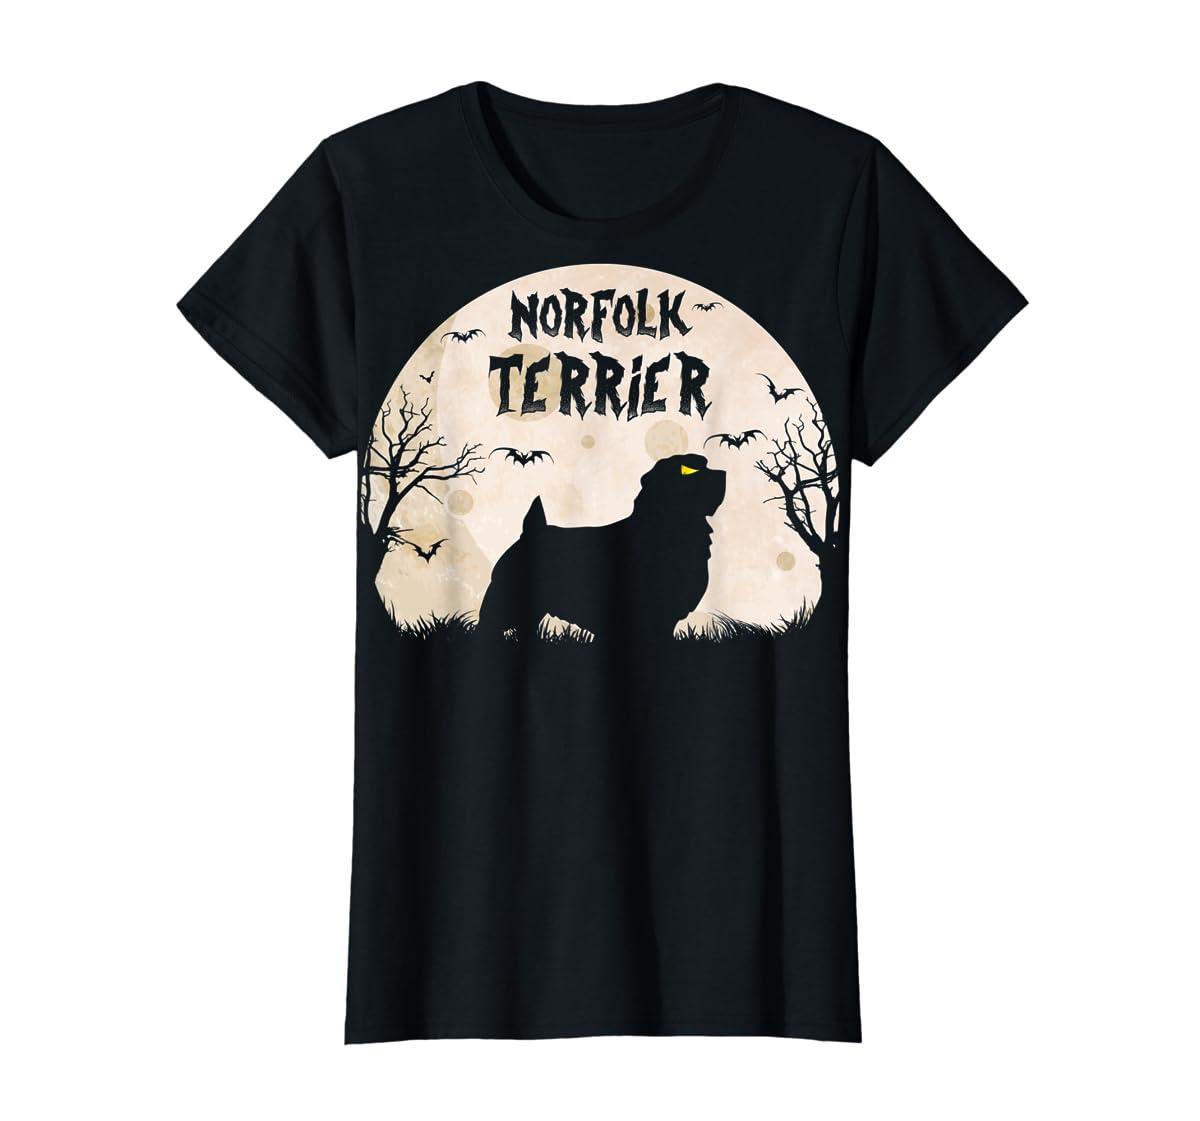 Halloween Horror Norfolk Terrier T-Shirt-Women's T-Shirt-Black